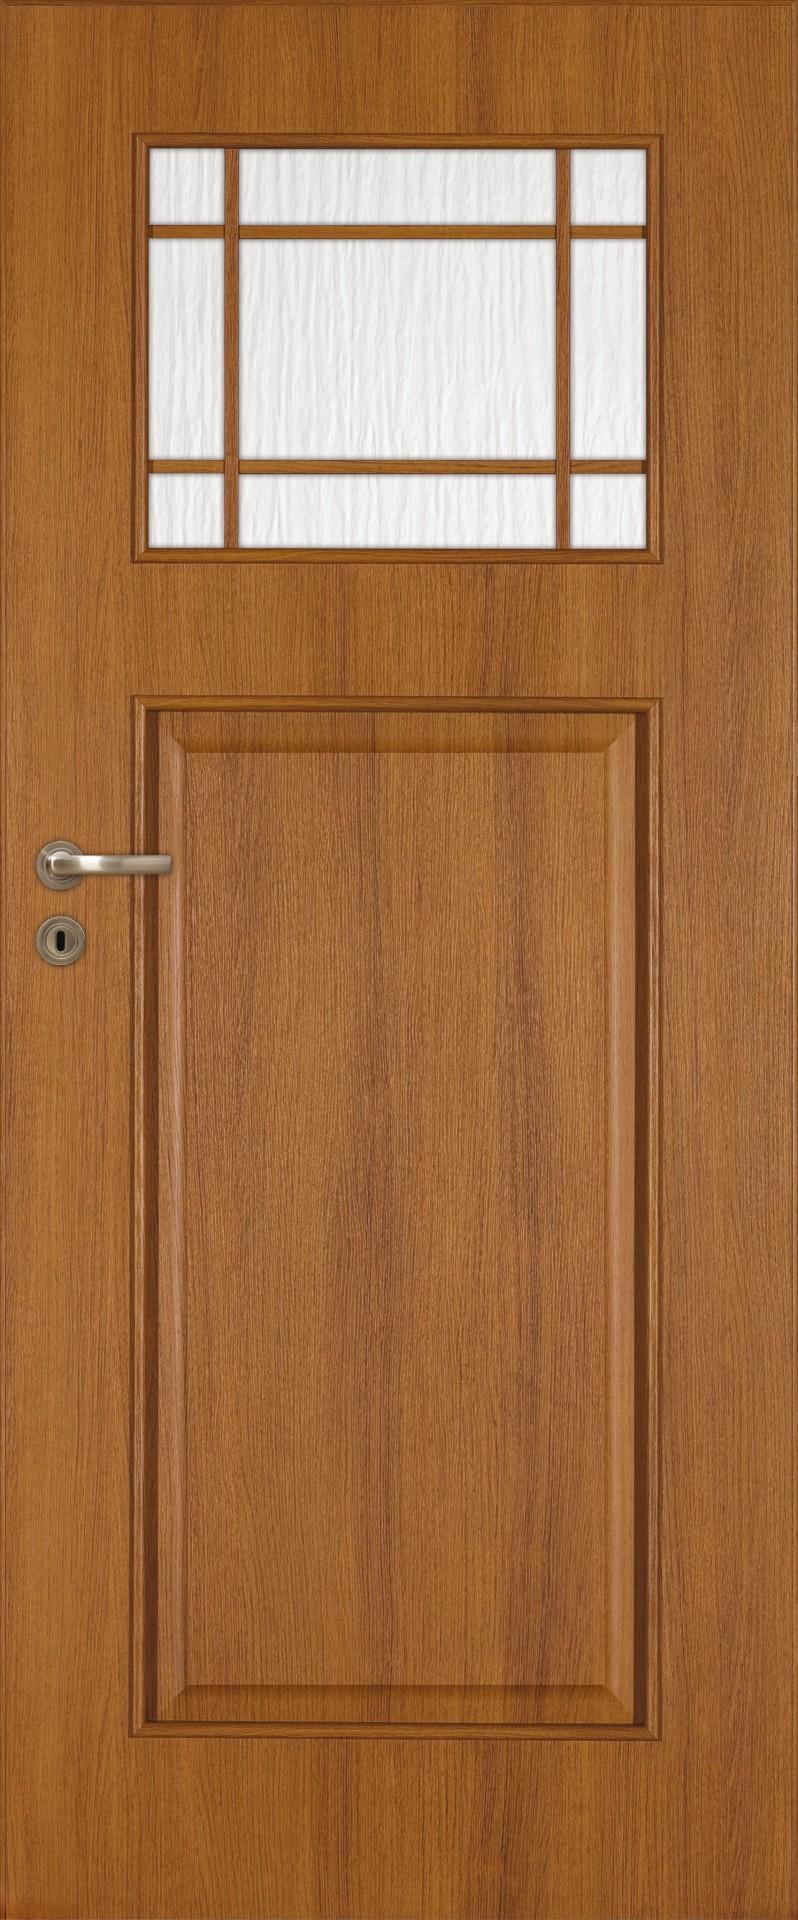 Dre dveře Fano 20s, Šíře v cm 90